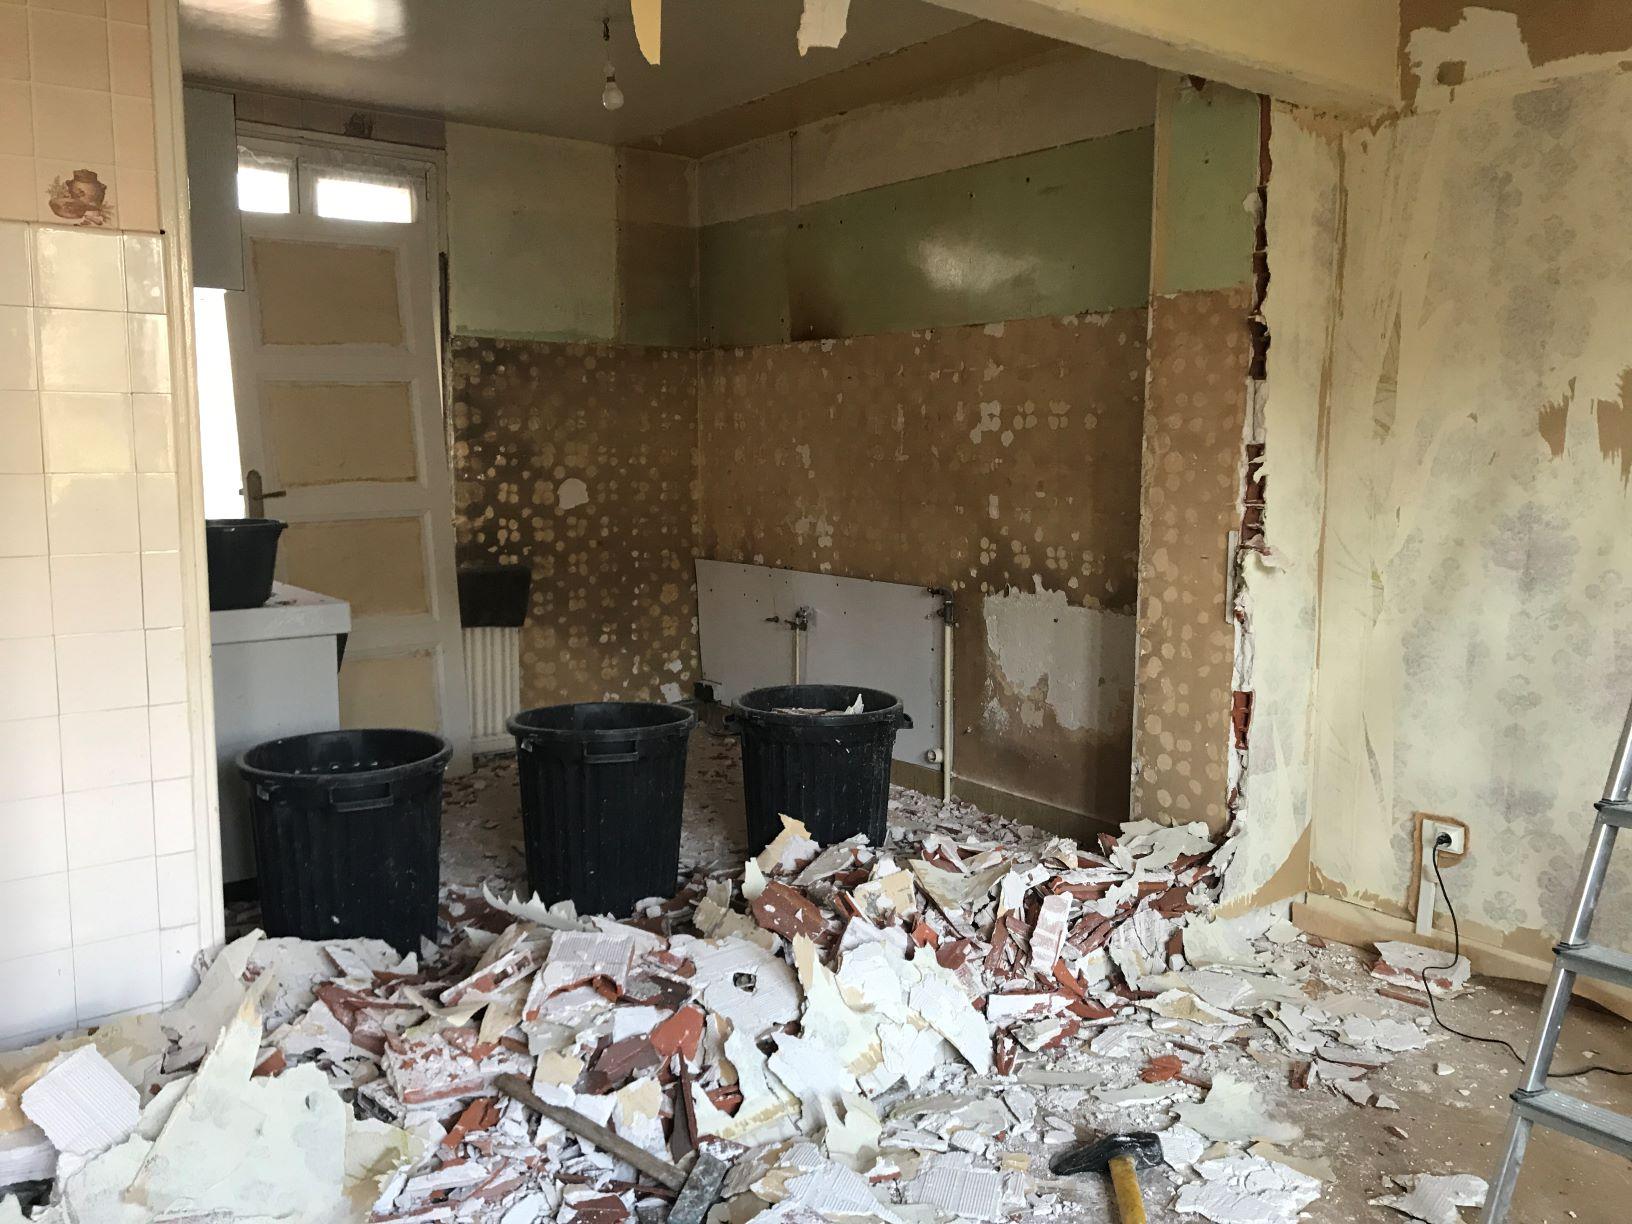 démolition d'une cloison en briques entre la cuisine et le salon dans un projet de rénovation de maison